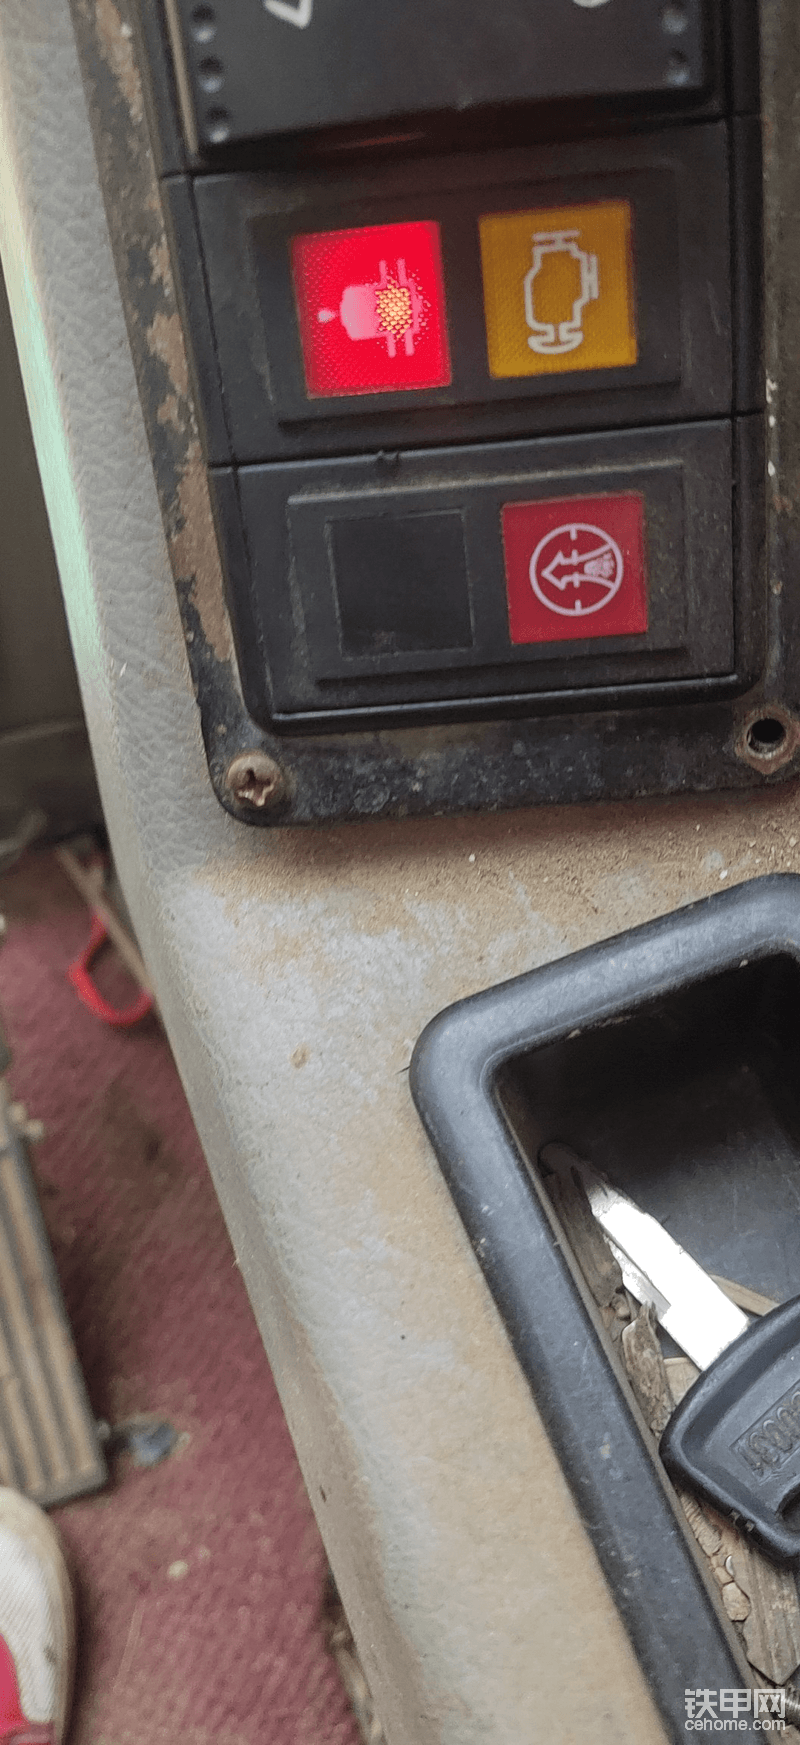 新源輪式挖掘機這個紅色指示燈亮了表示什么意思?-帖子圖片